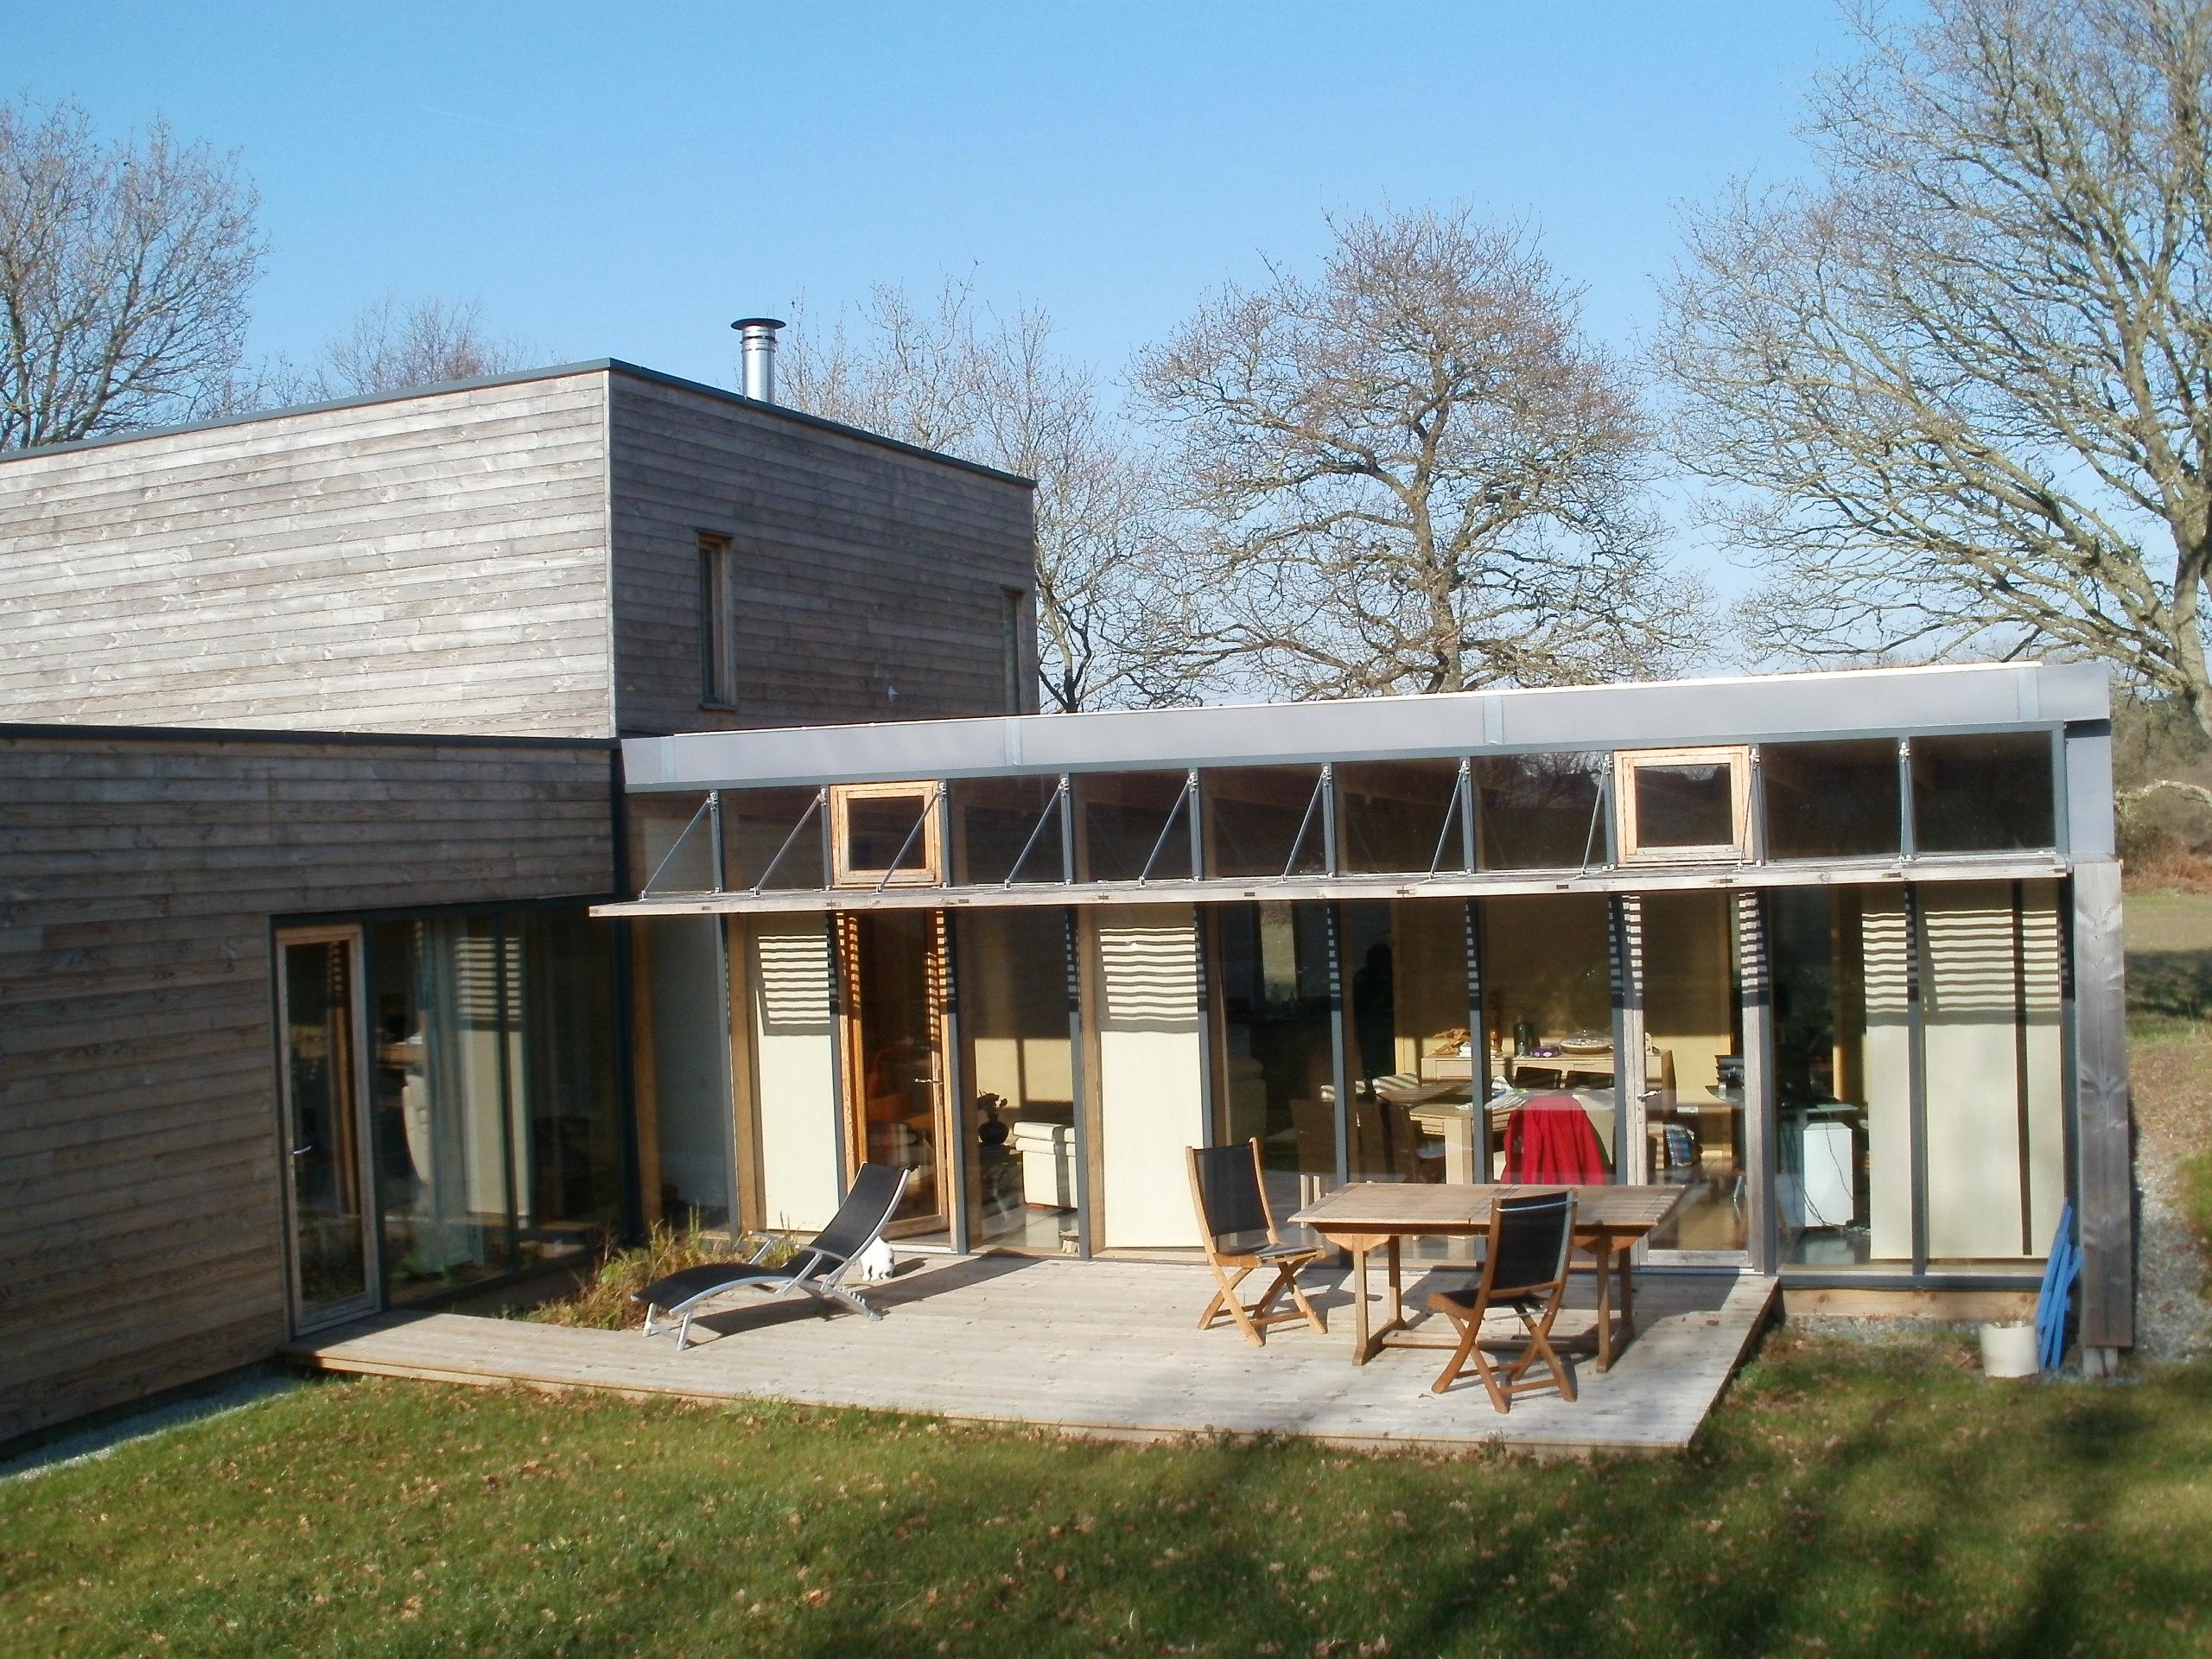 Maison ossature bois annonce maison part 5 for Achat part maison